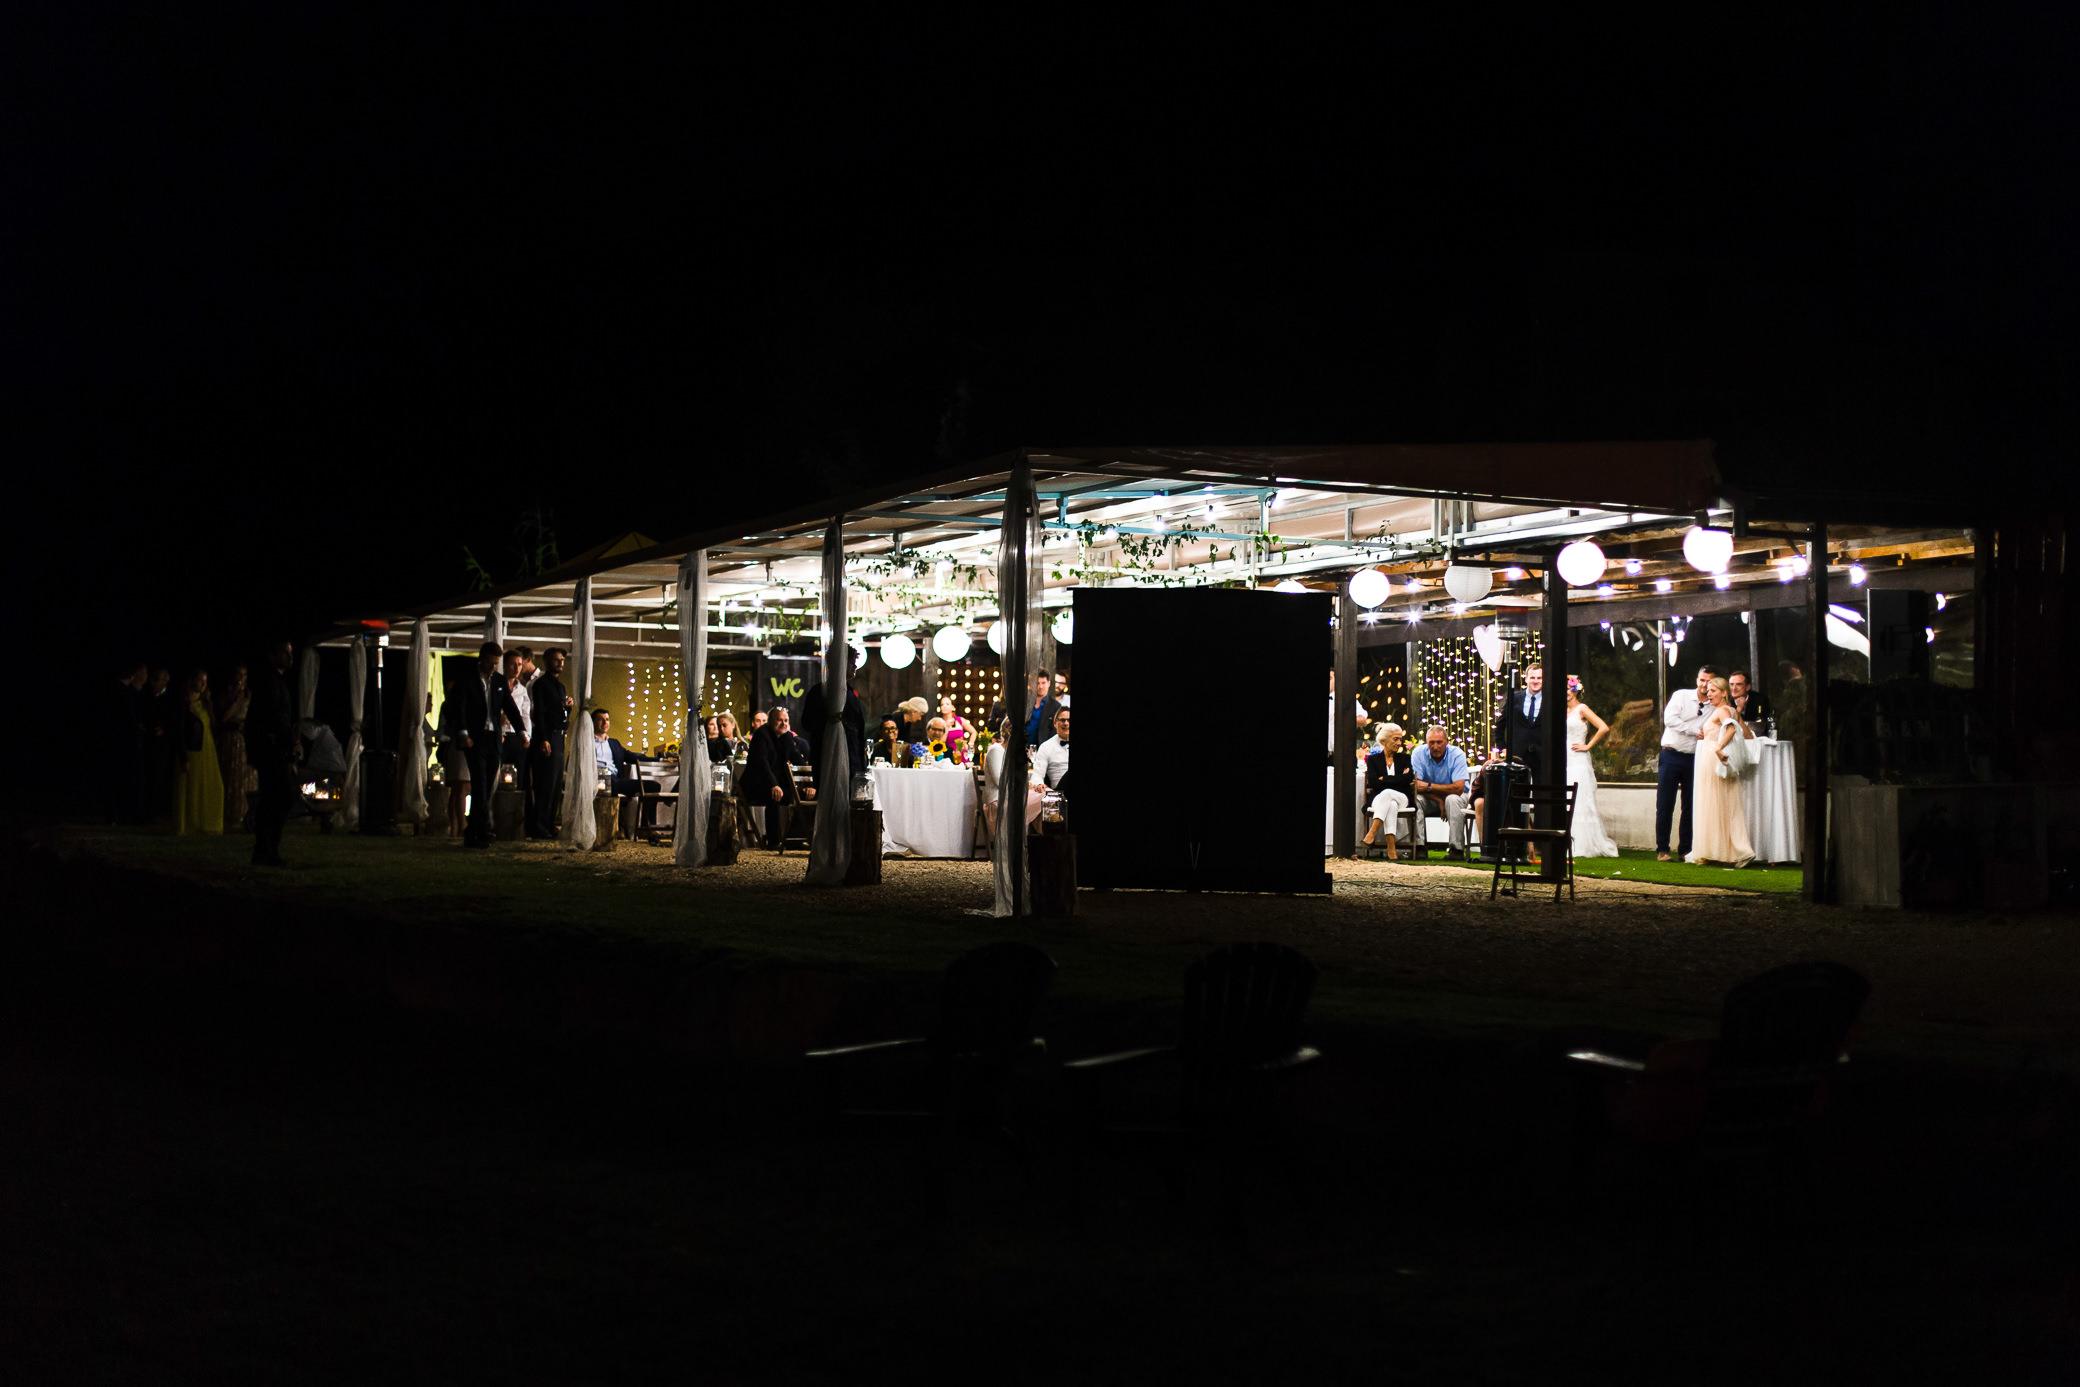 boda-olot-mas-can-batlle-destination-wedding-photografeel-78.jpg